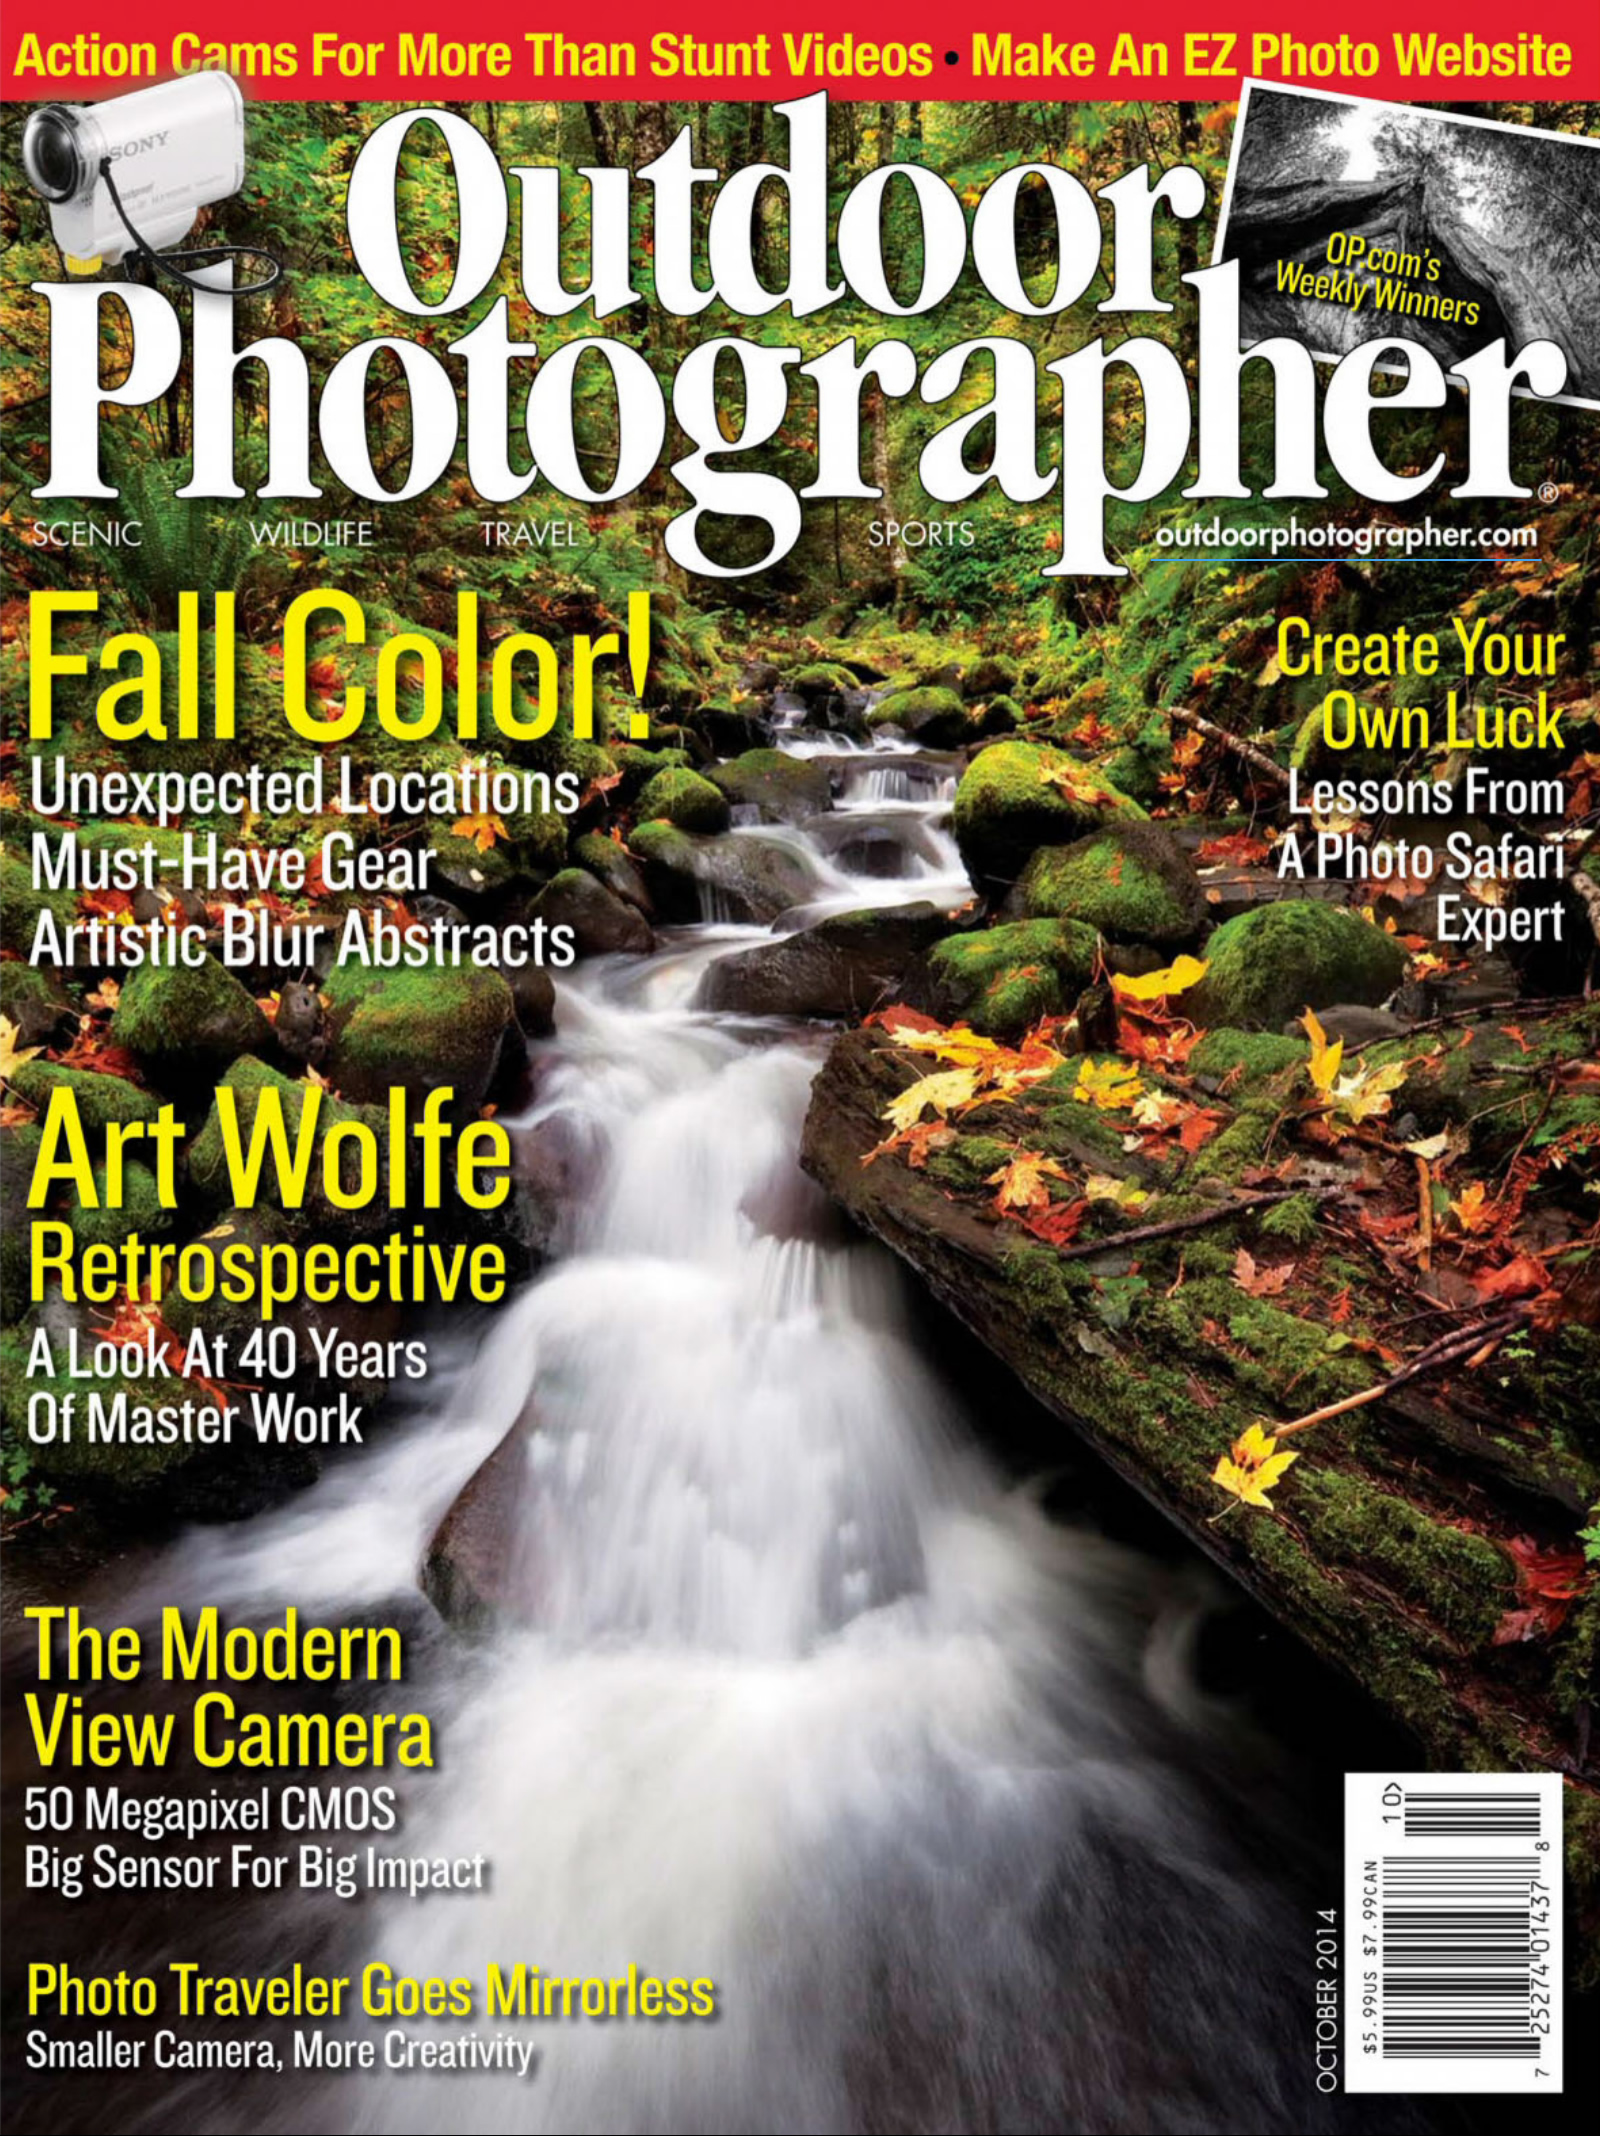 Журналы о фотографии пейзажей 2